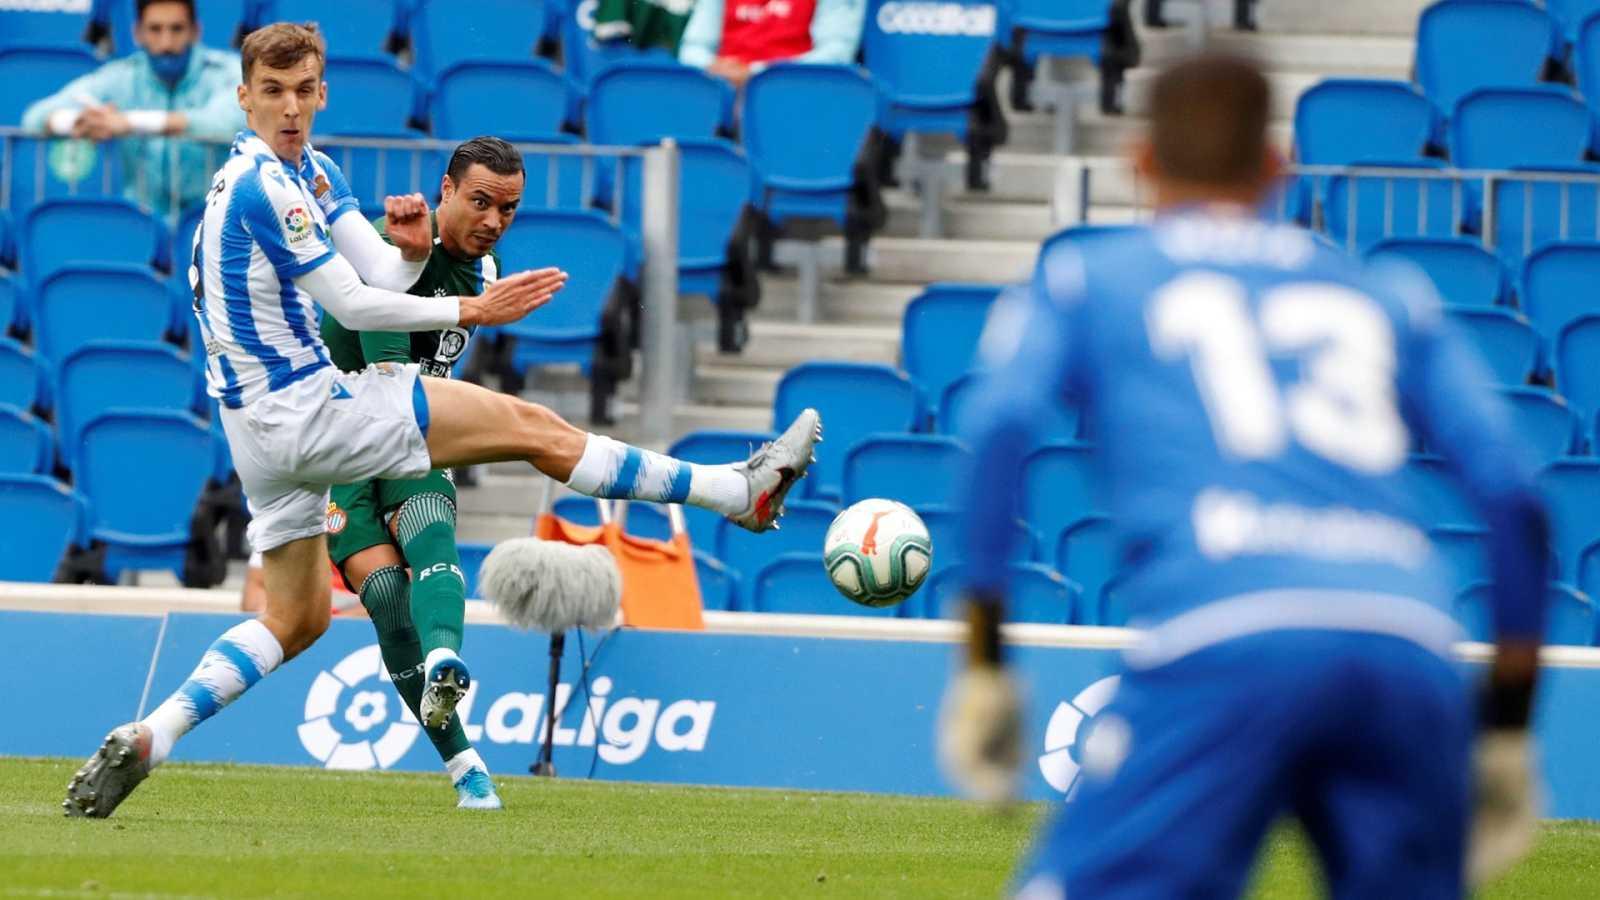 El delantero del Espanyol Raúl de Tomás (detrás) intenta un pase ante el defensa de la Real Sociedad Diego Llorente